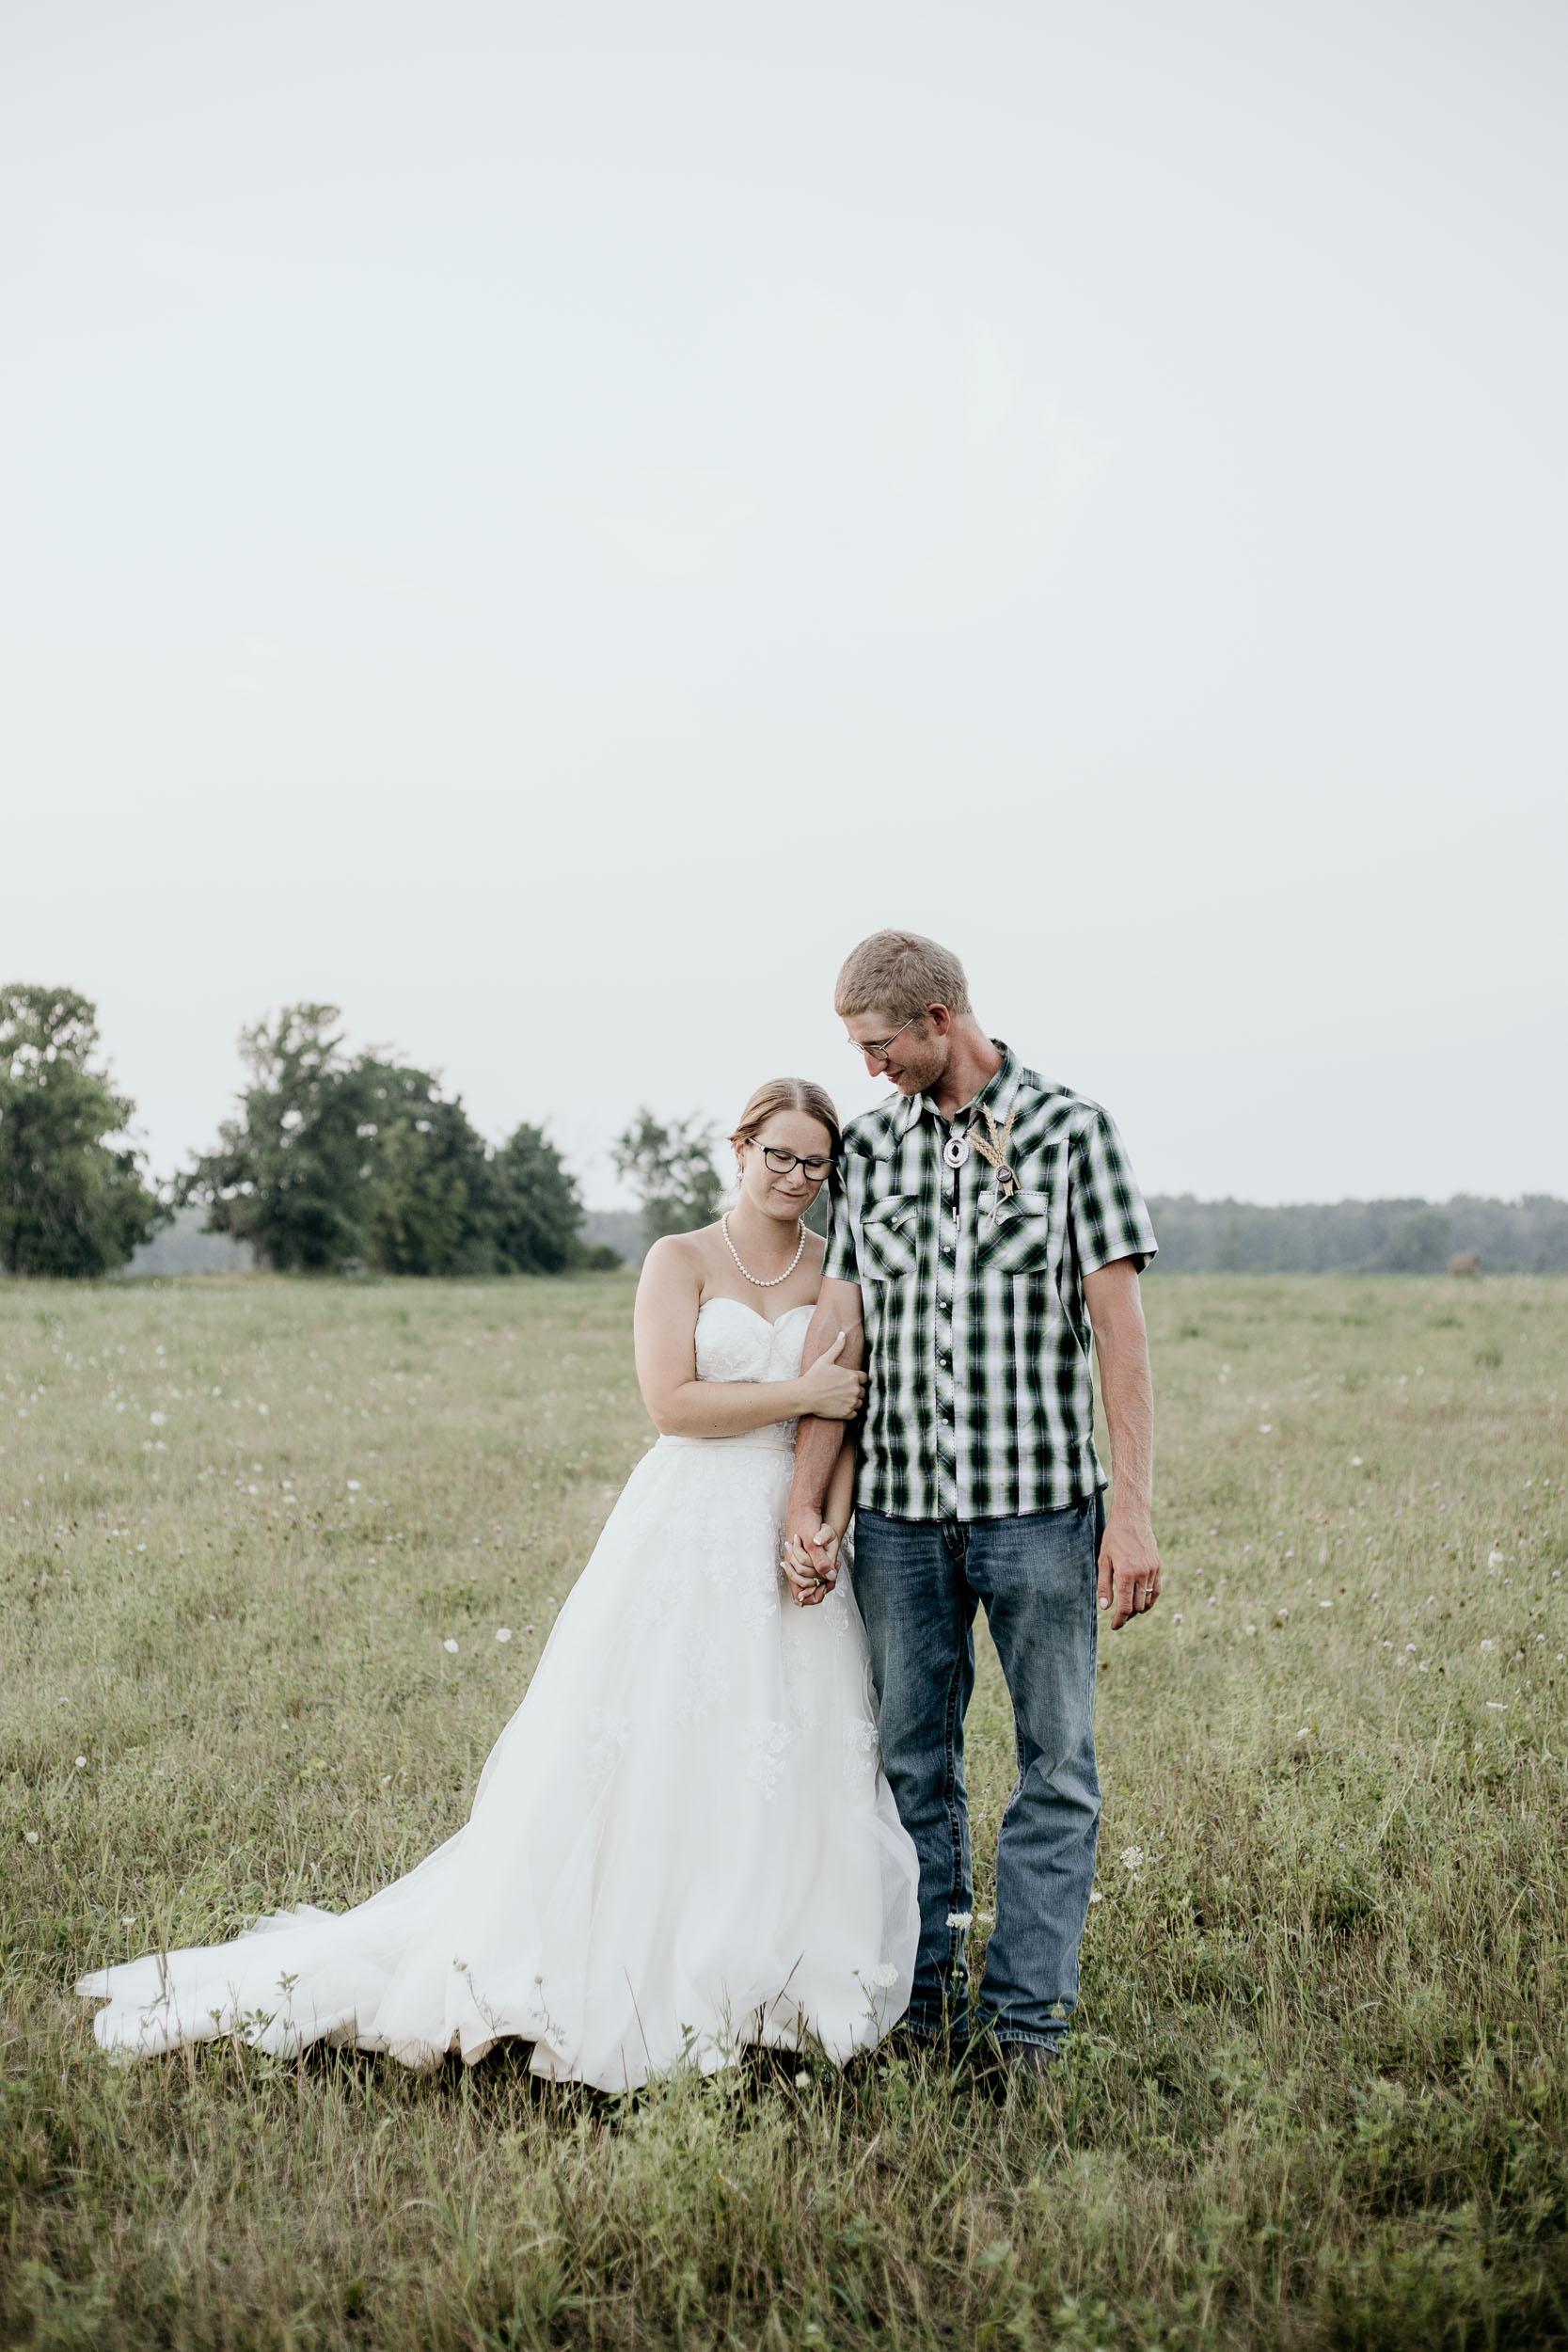 intimate-wedding-elopement-photographer-ottawa-joshua-tree-3201.jpg